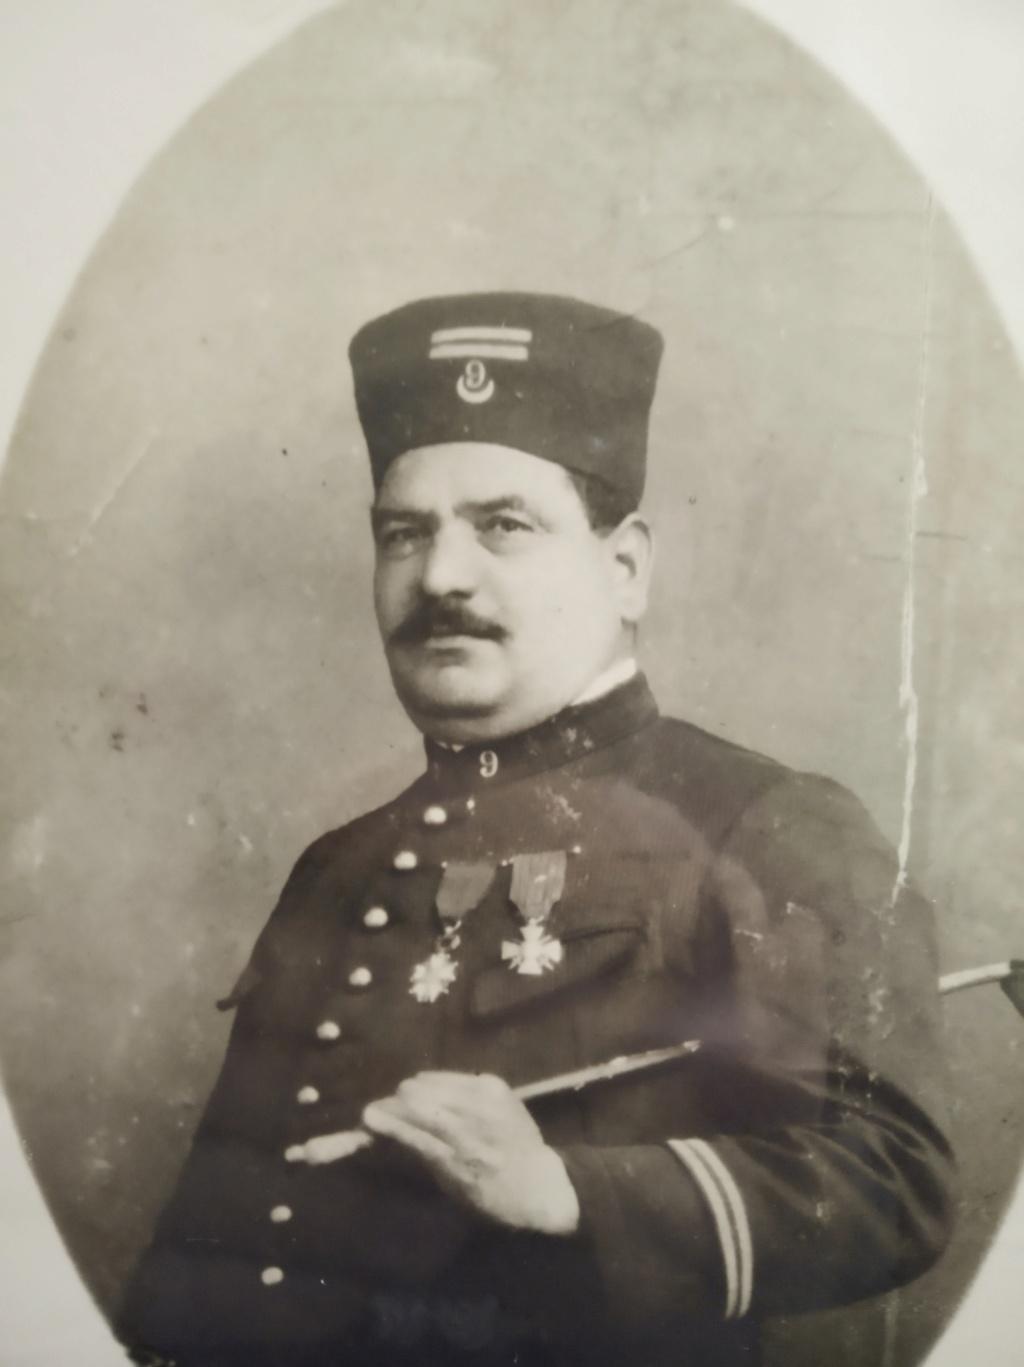 Mon premier mannequin :Sous-officier indigène de Tirailleurs Algériens vers 1910 Sliman10